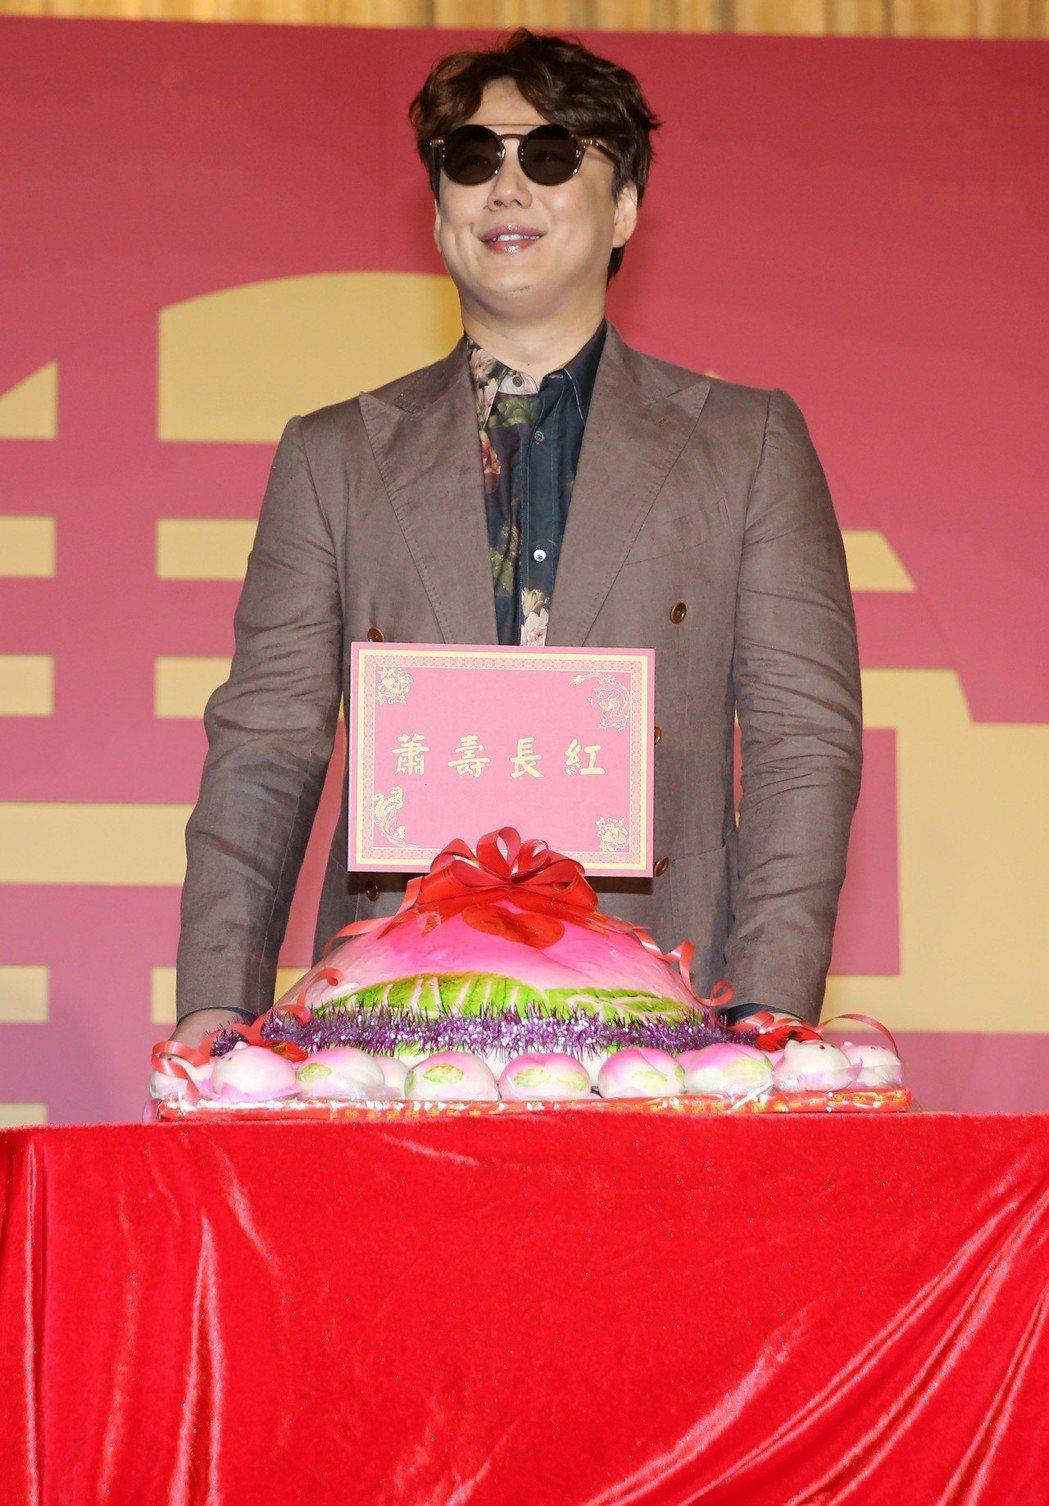 金曲歌王蕭煌奇宣布加盟環球音樂,唱片公司也送上「蕭壽長紅」的大壽桃幫即將過生日的...